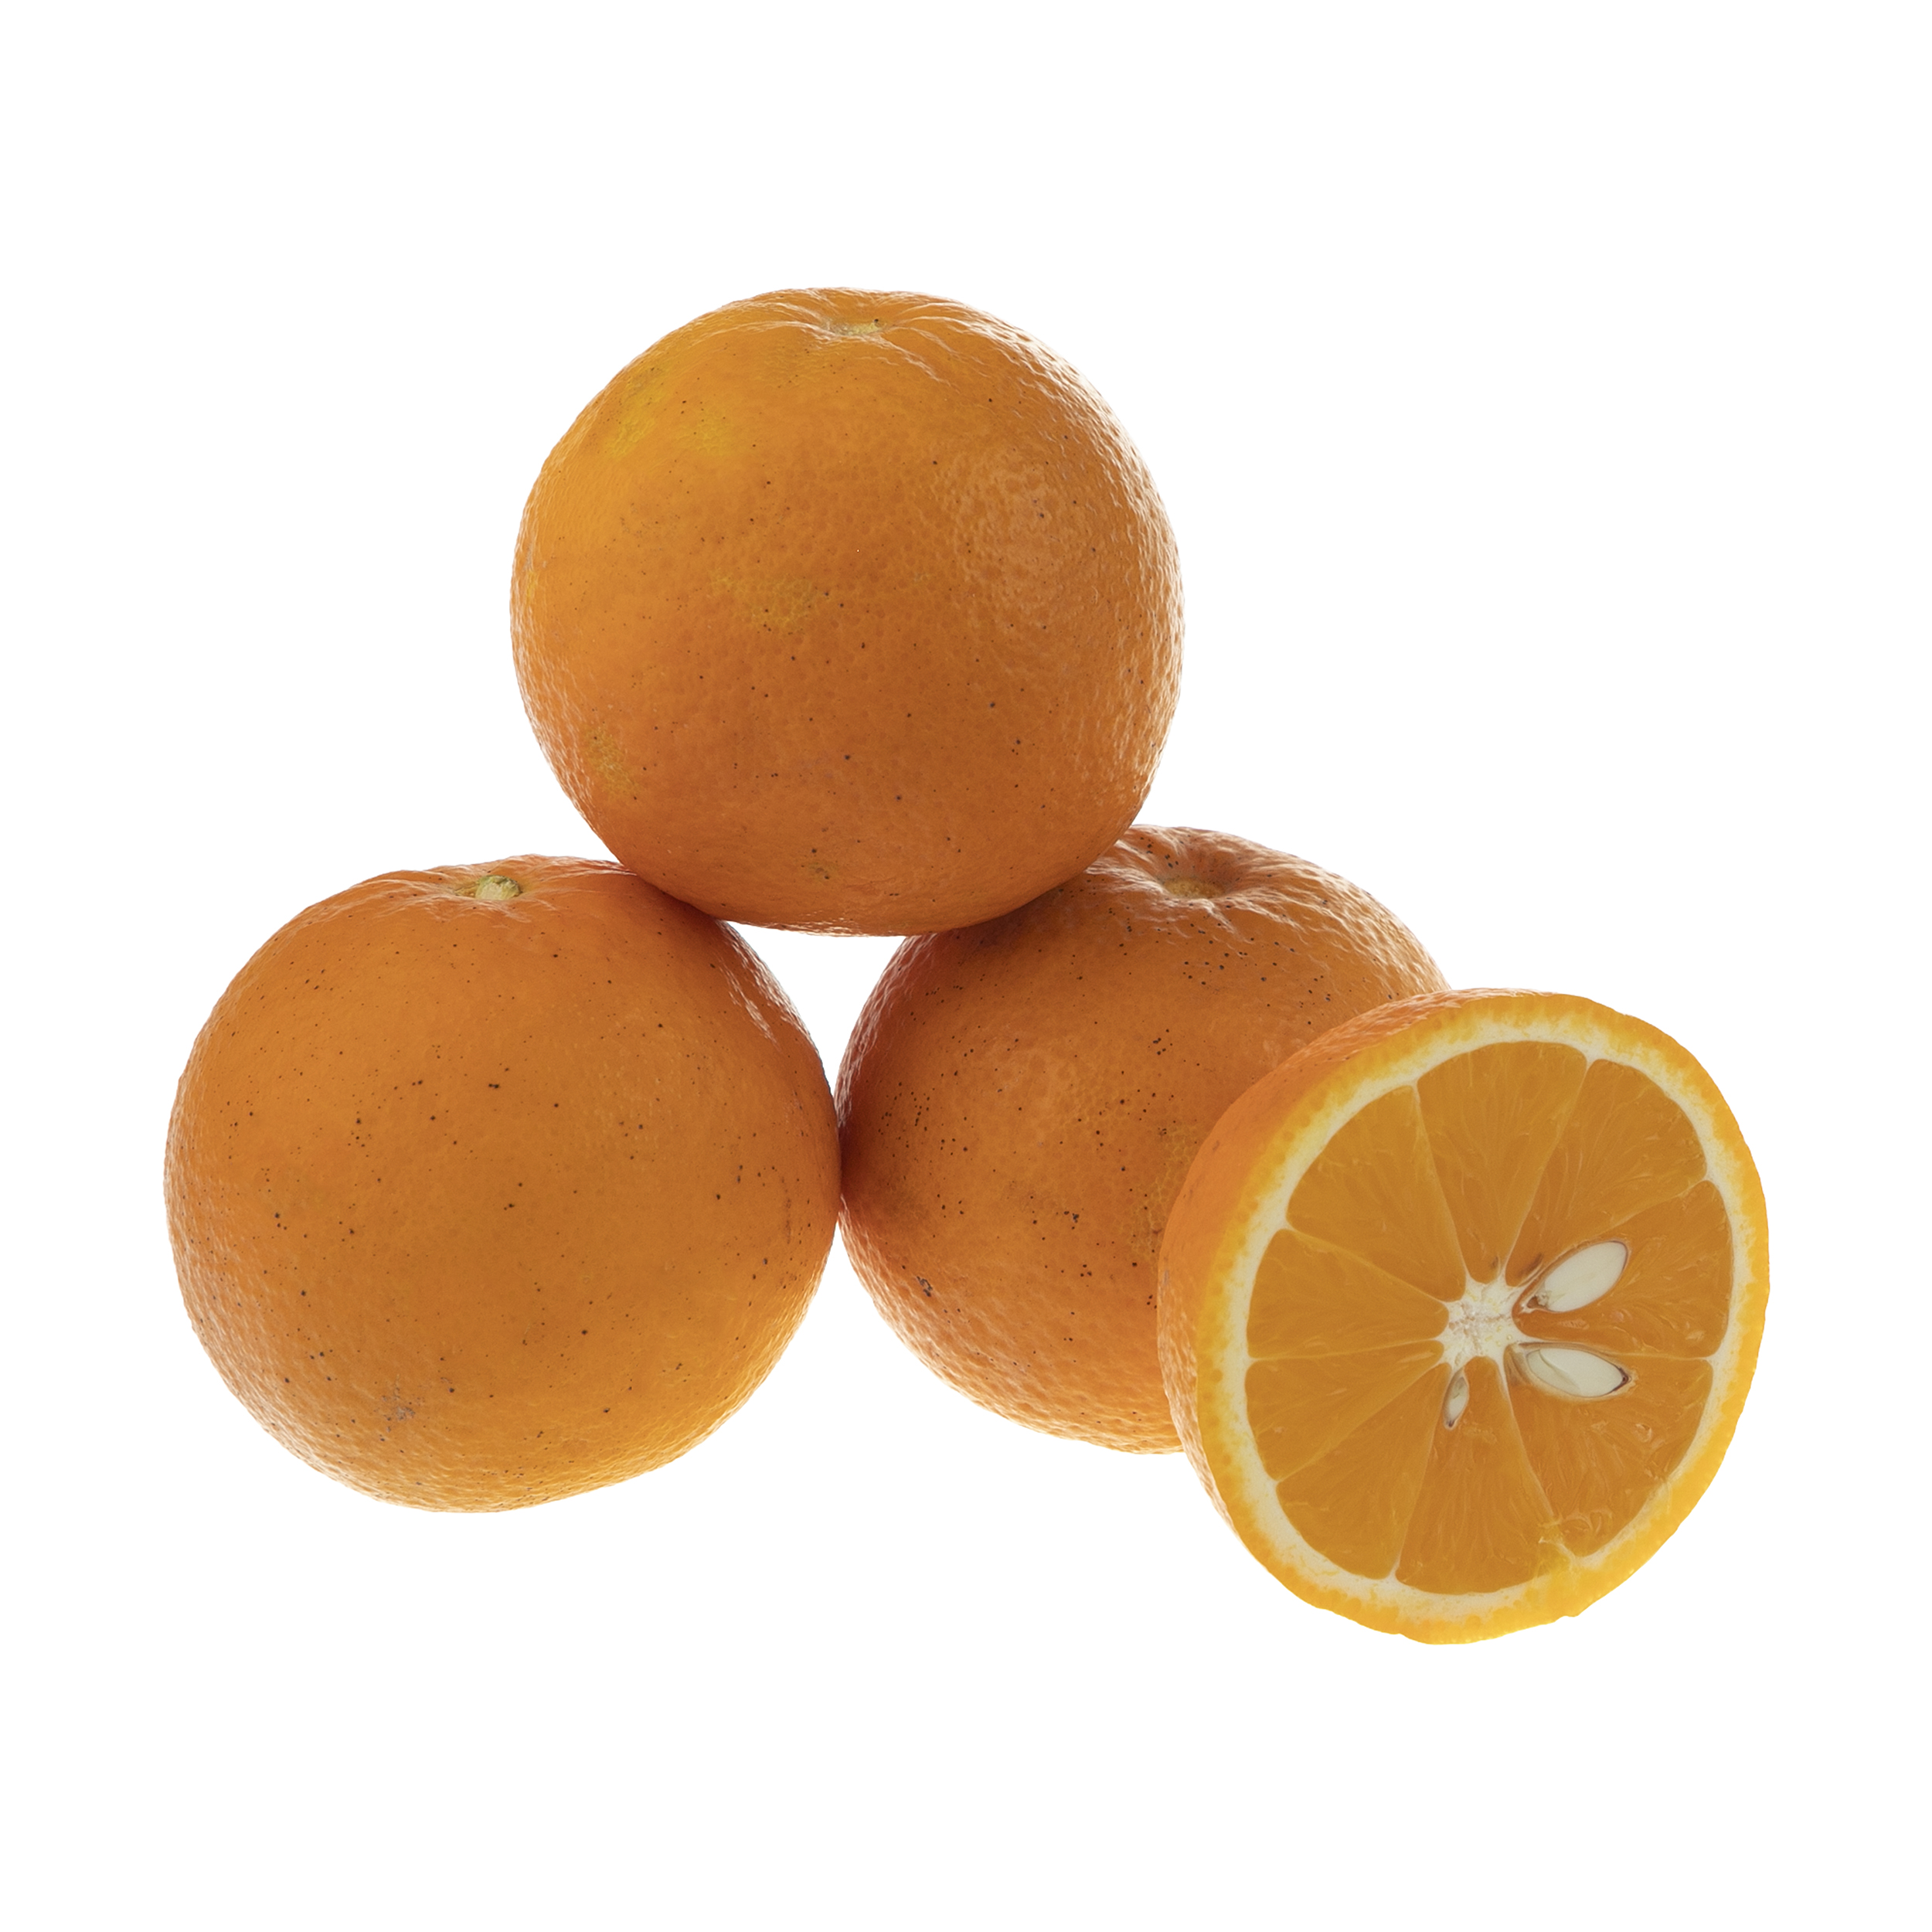 پرتقال رسمی شمال آبگیری بلوط - 1 کیلوگرم